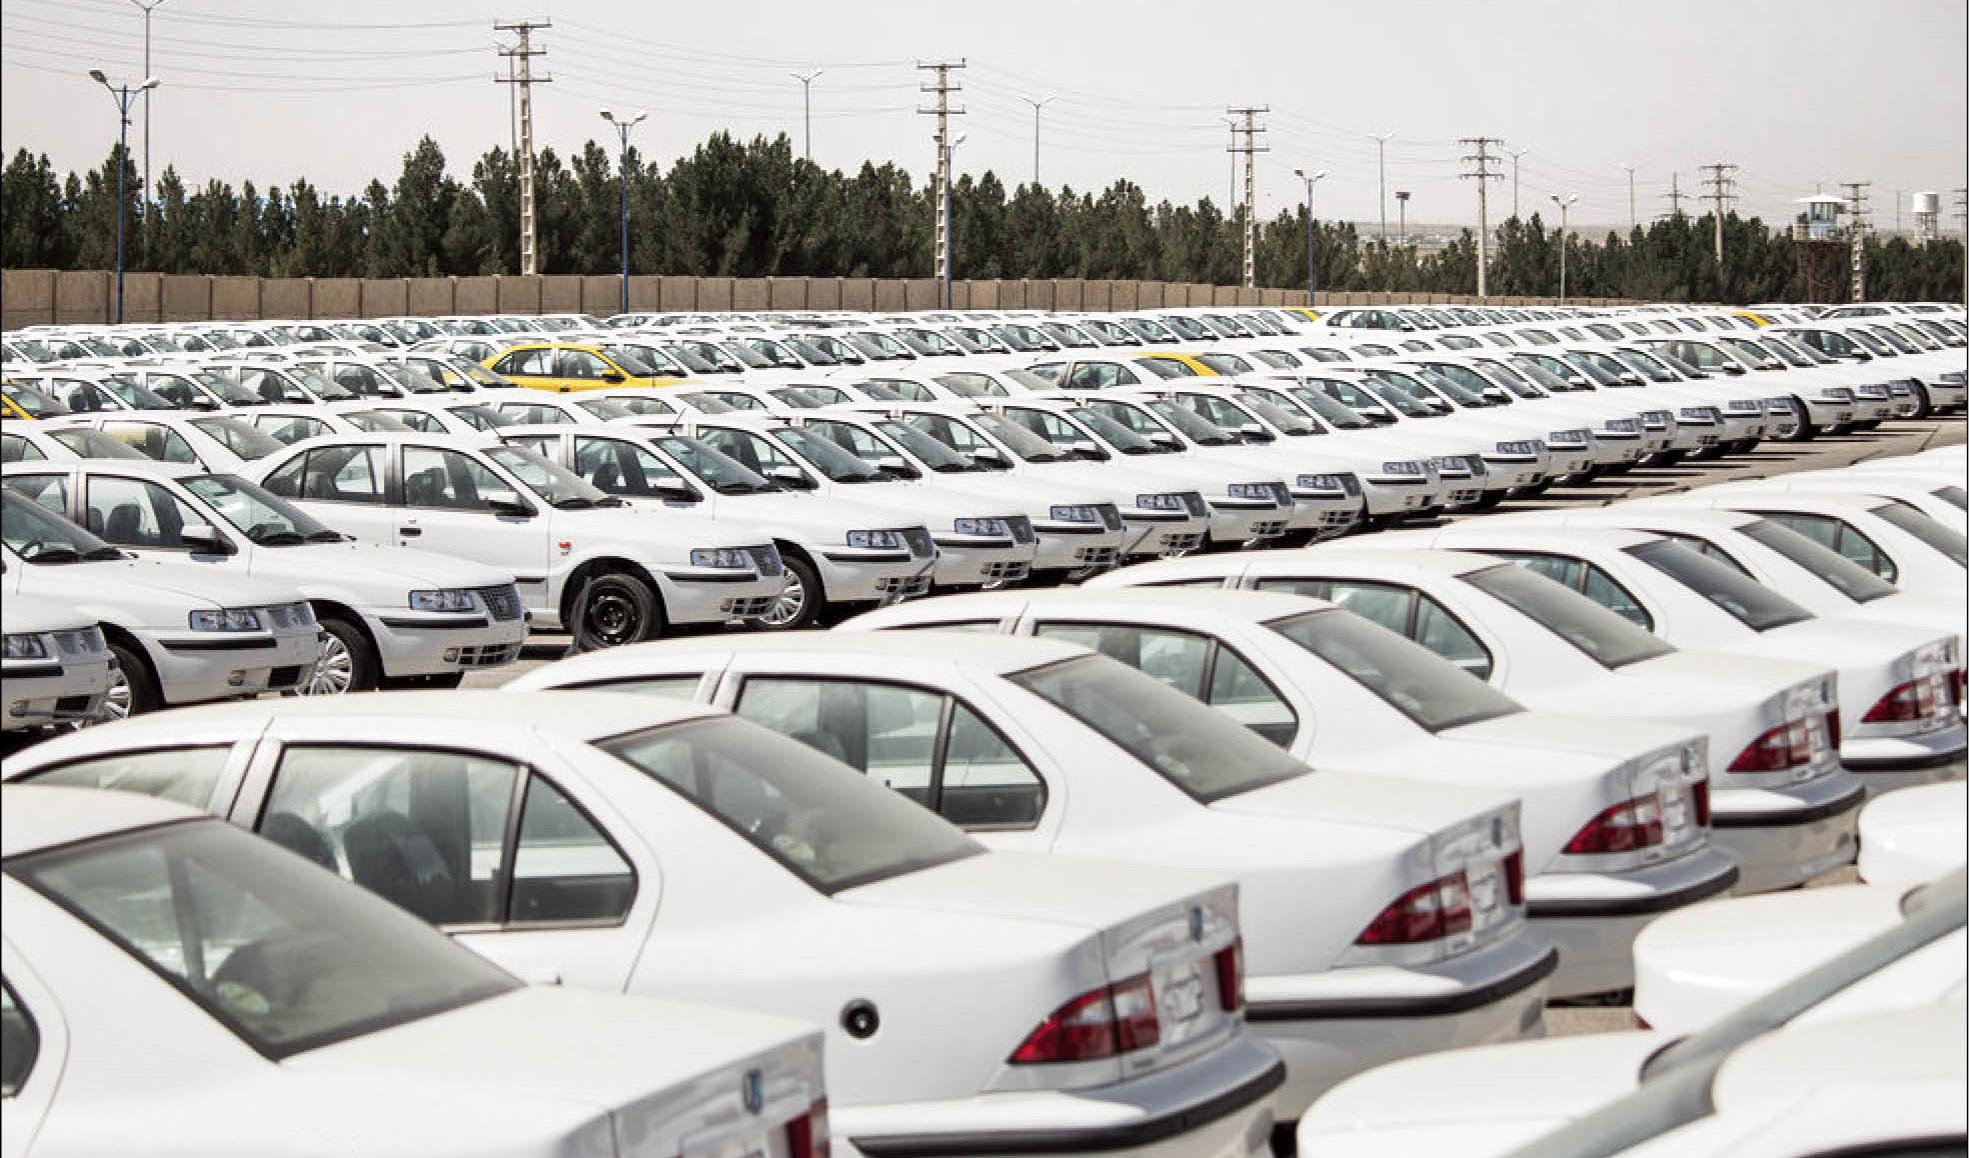 قیمت خودرو در بازار آزاد مشخص شد +جدول